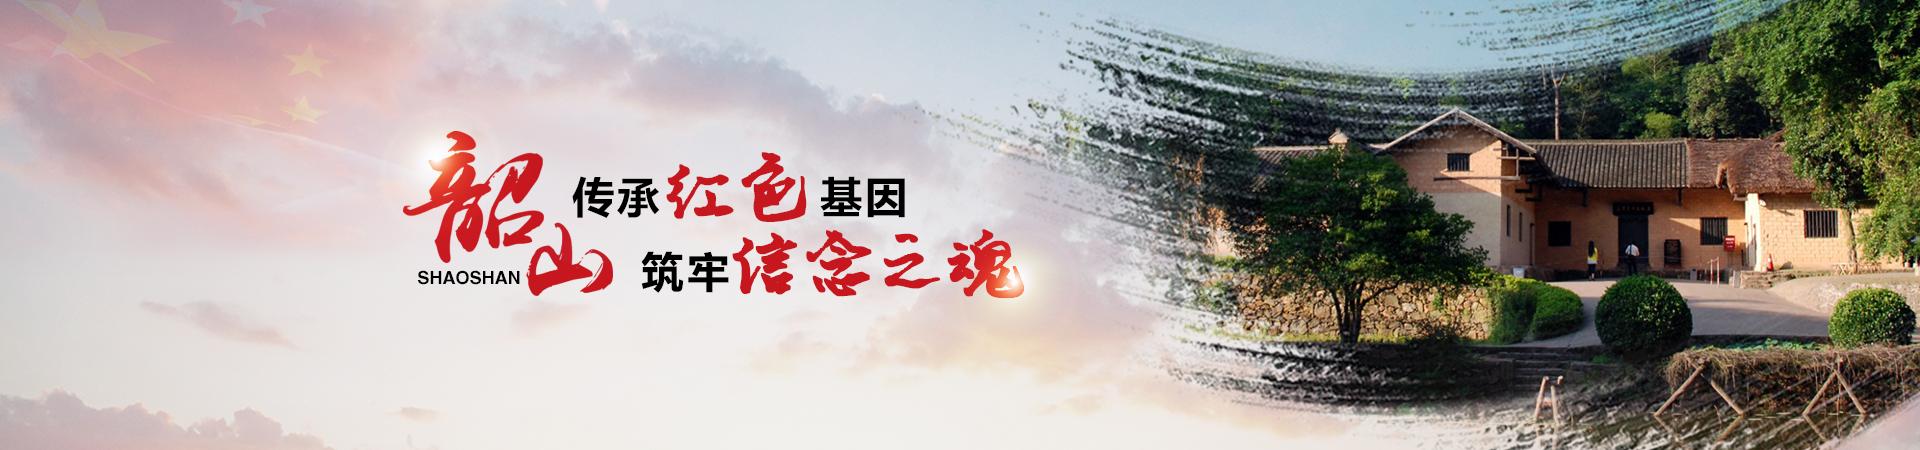 韶山东方红培训中心